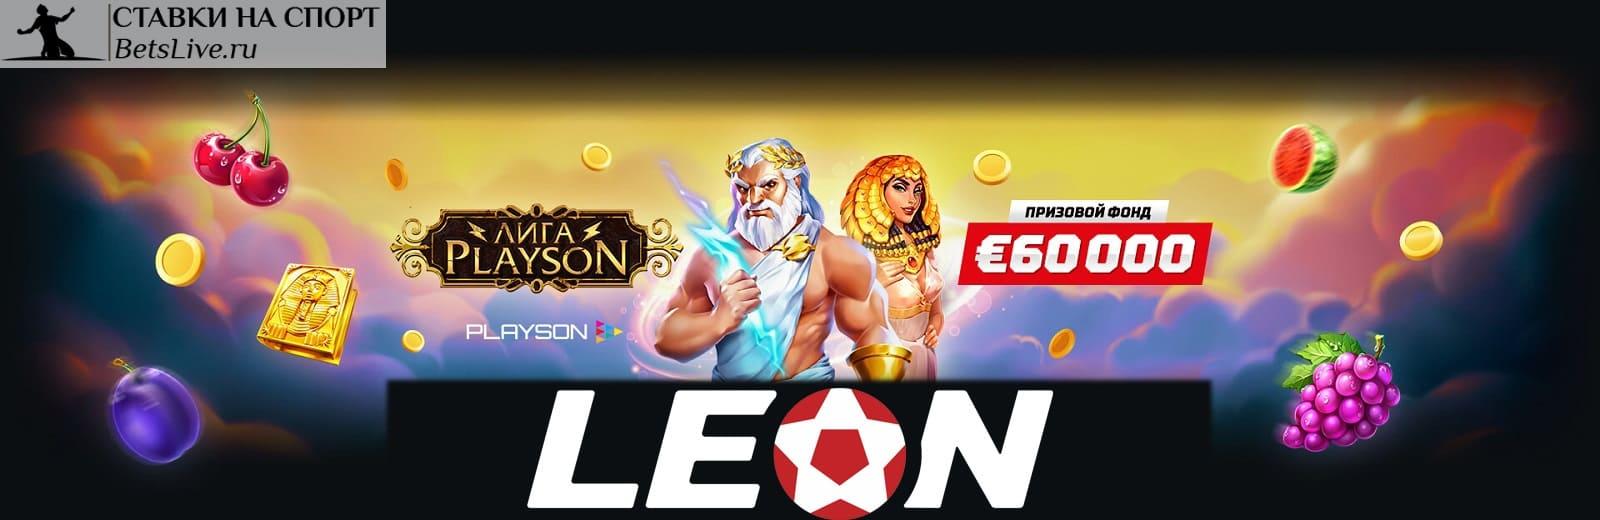 Лига Playson акция от Leonbets